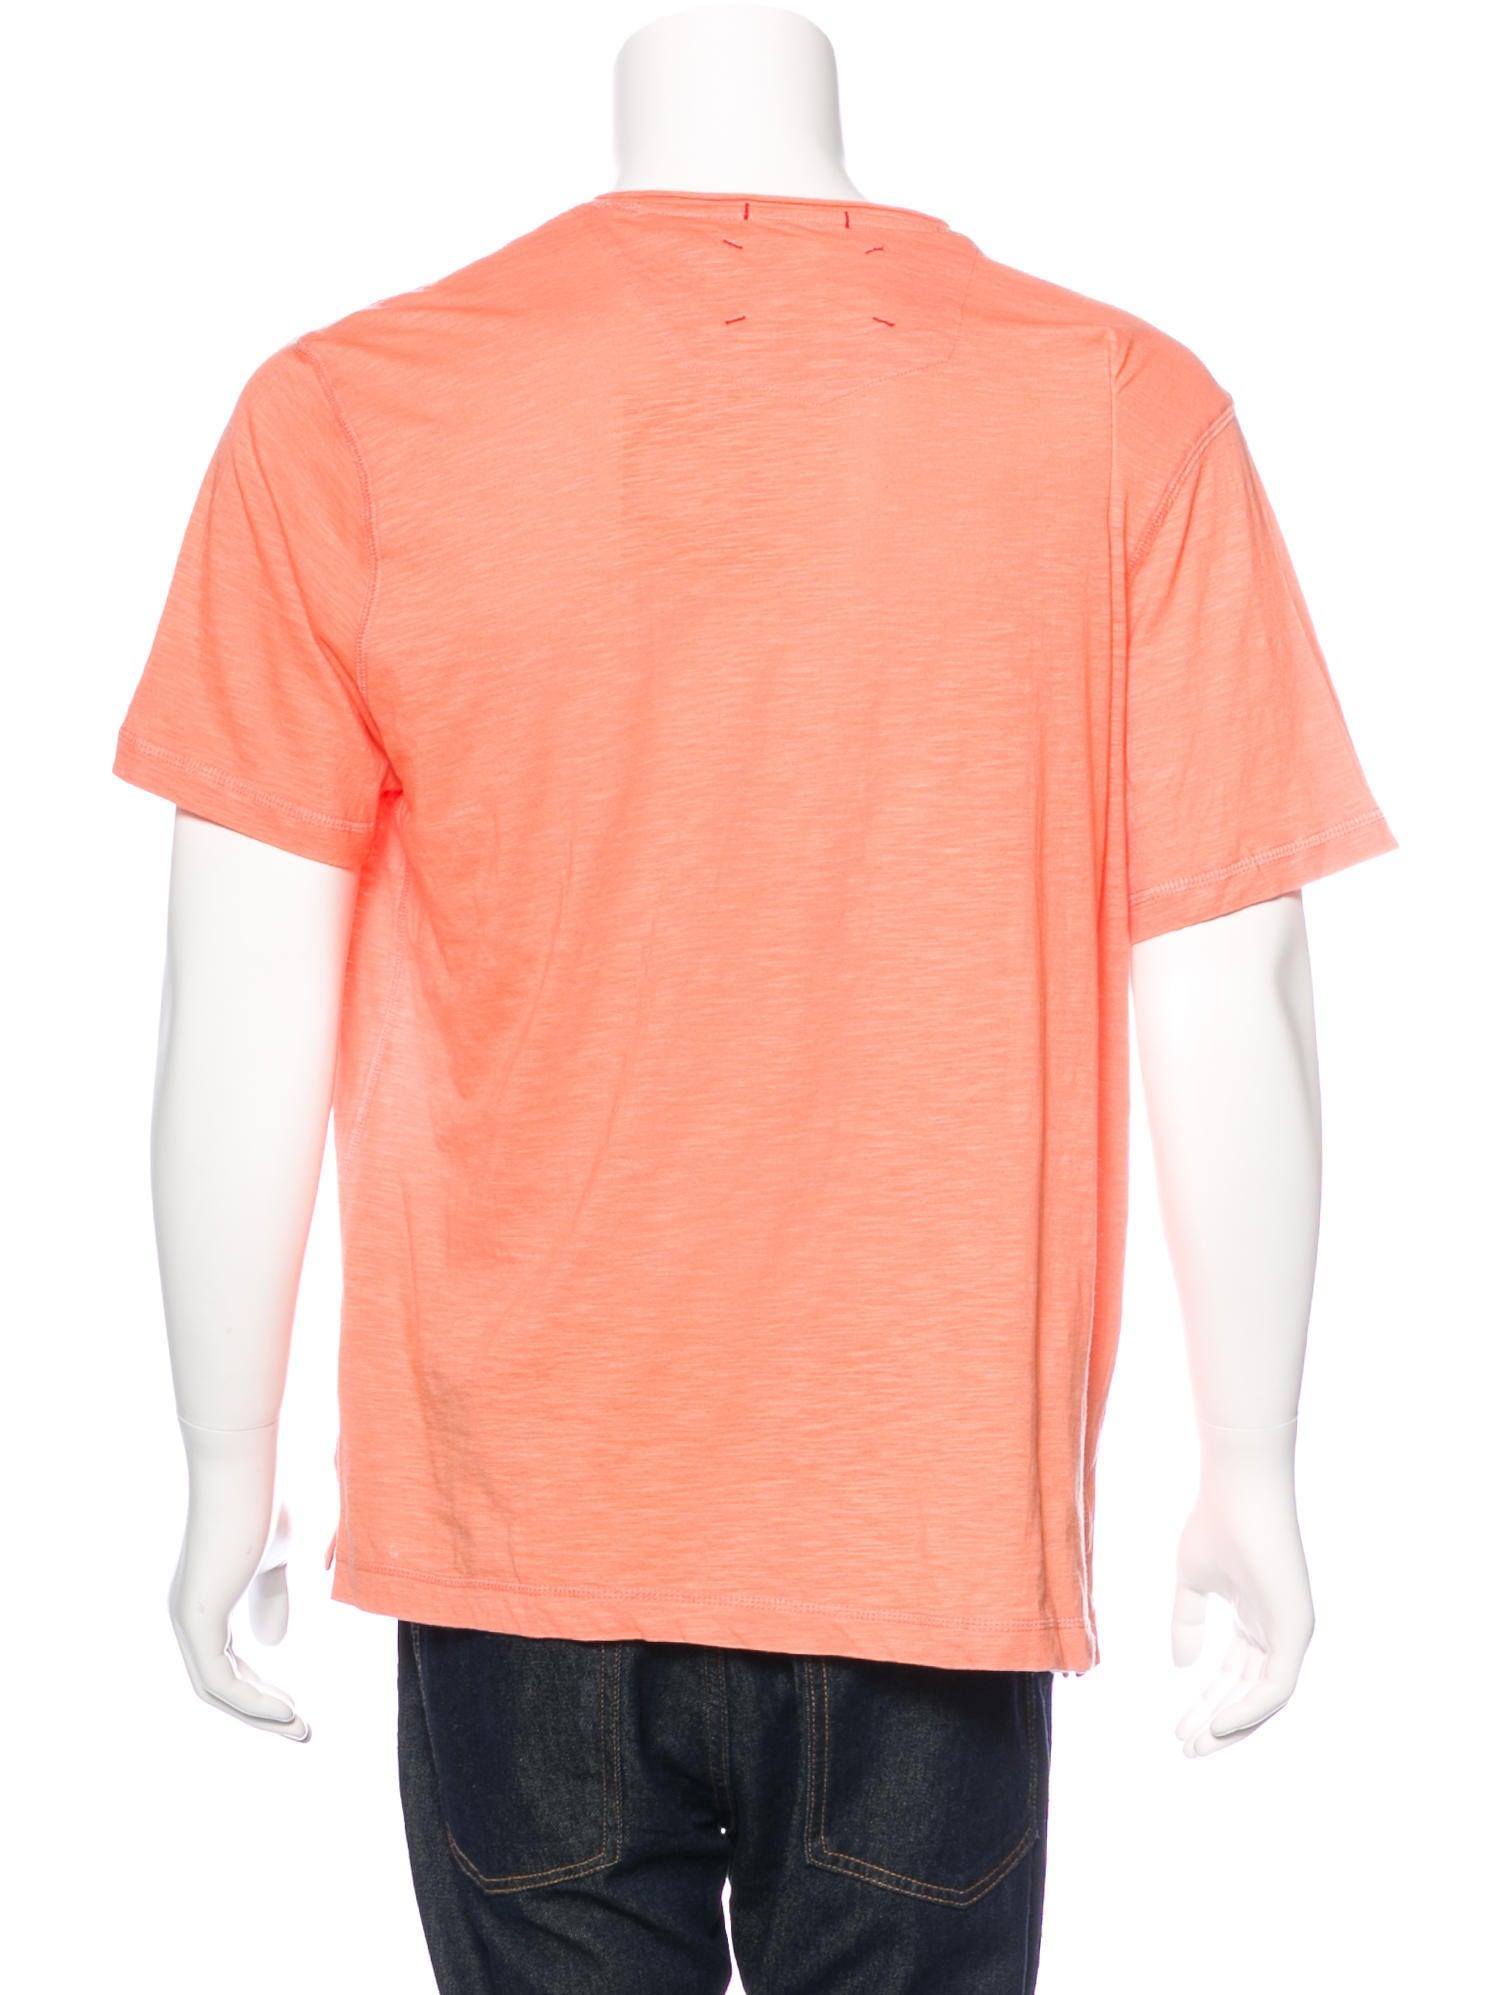 Robert graham v neck patch pocket t shirt w tags for Men s v neck pocket tee shirts